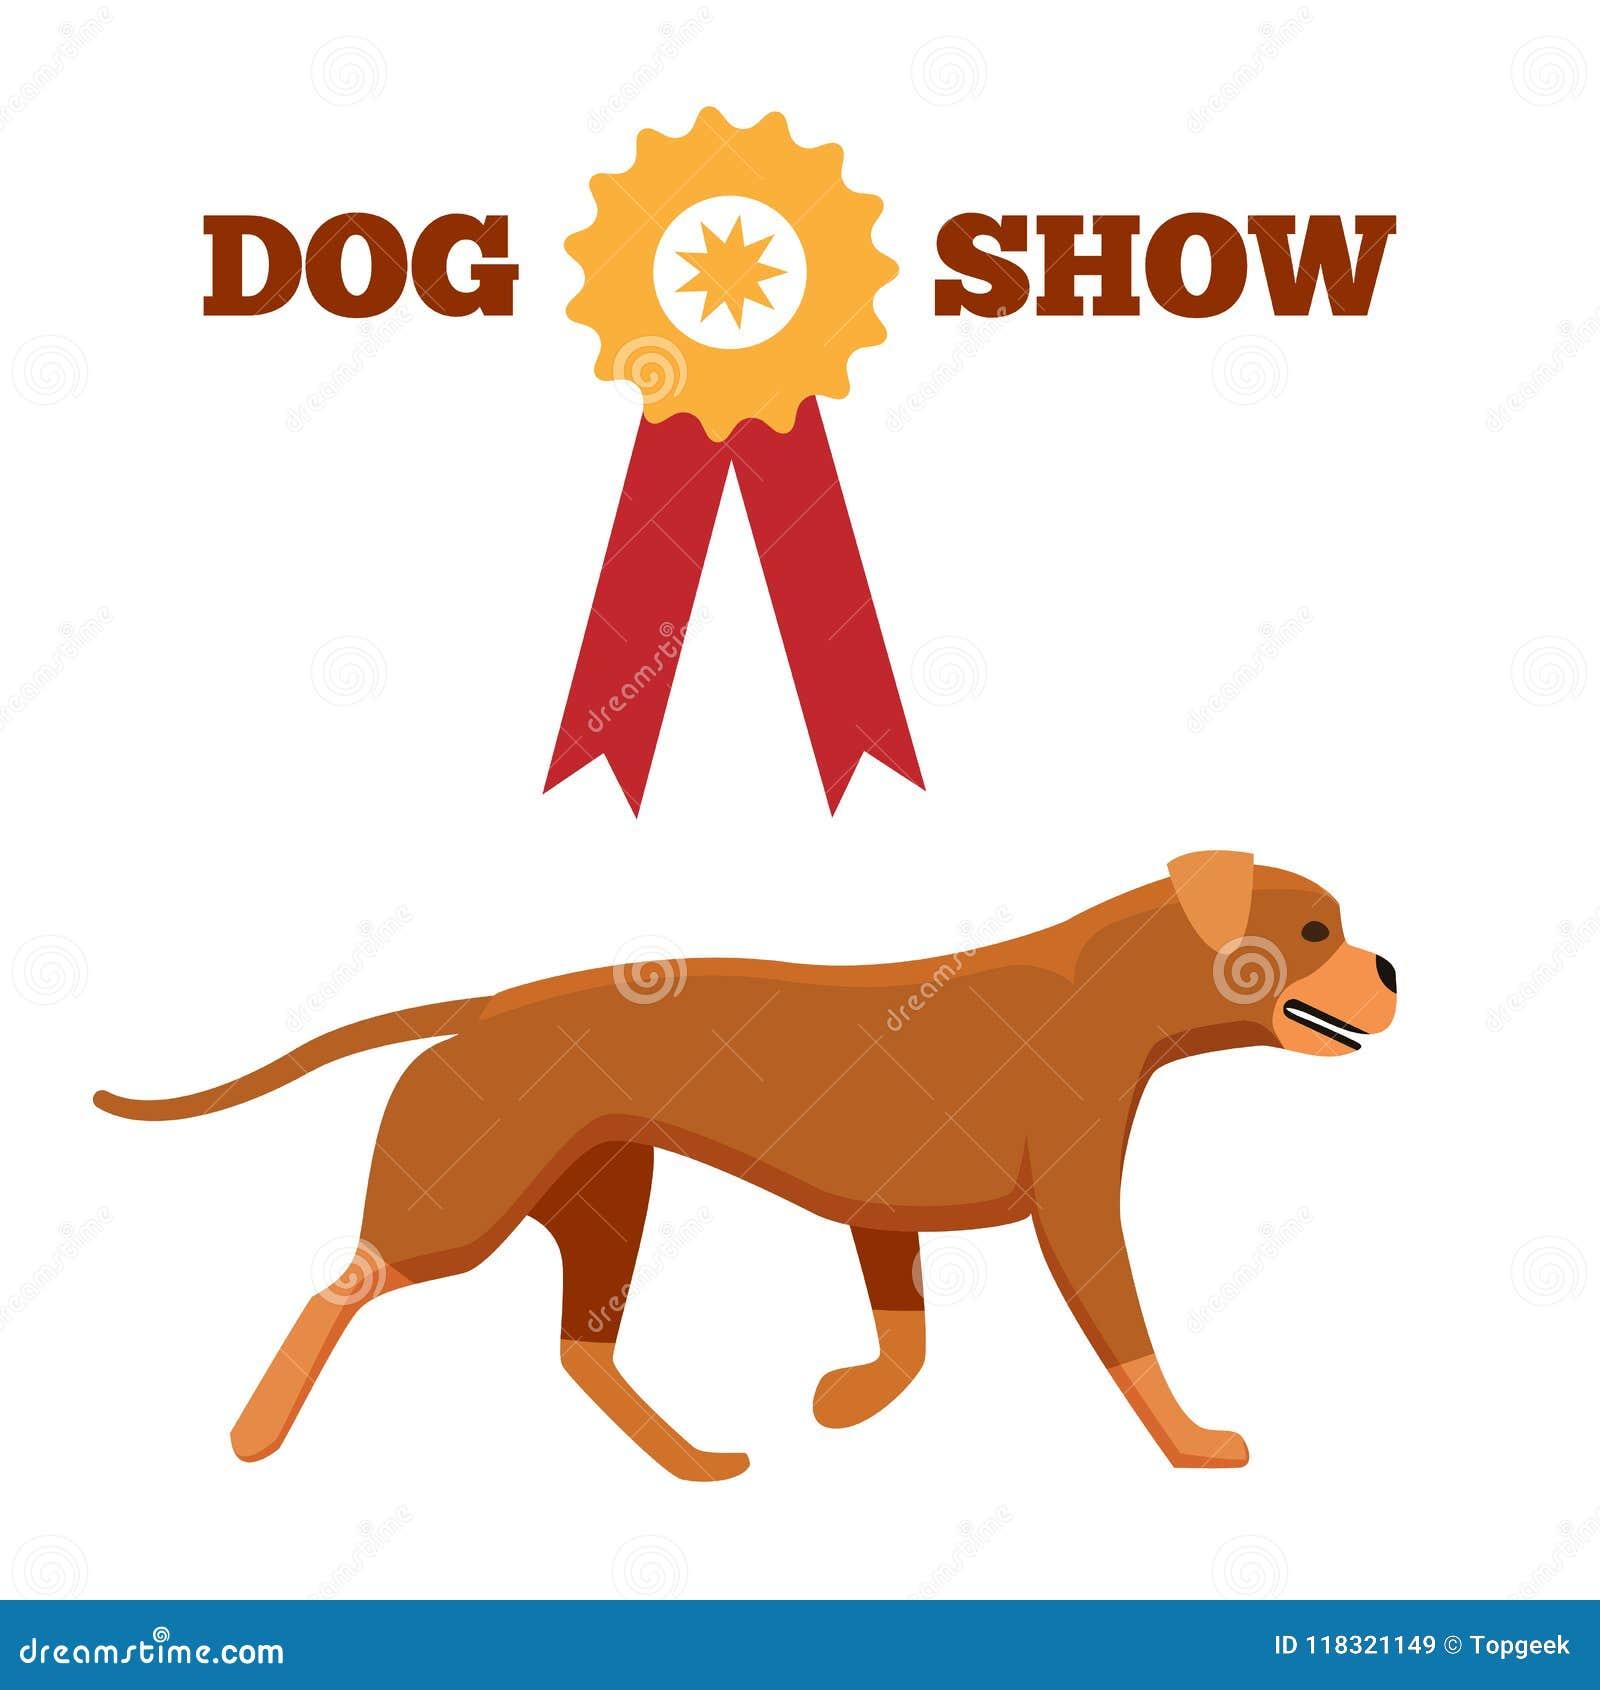 与丝带似犬动物设计的狗展示奖